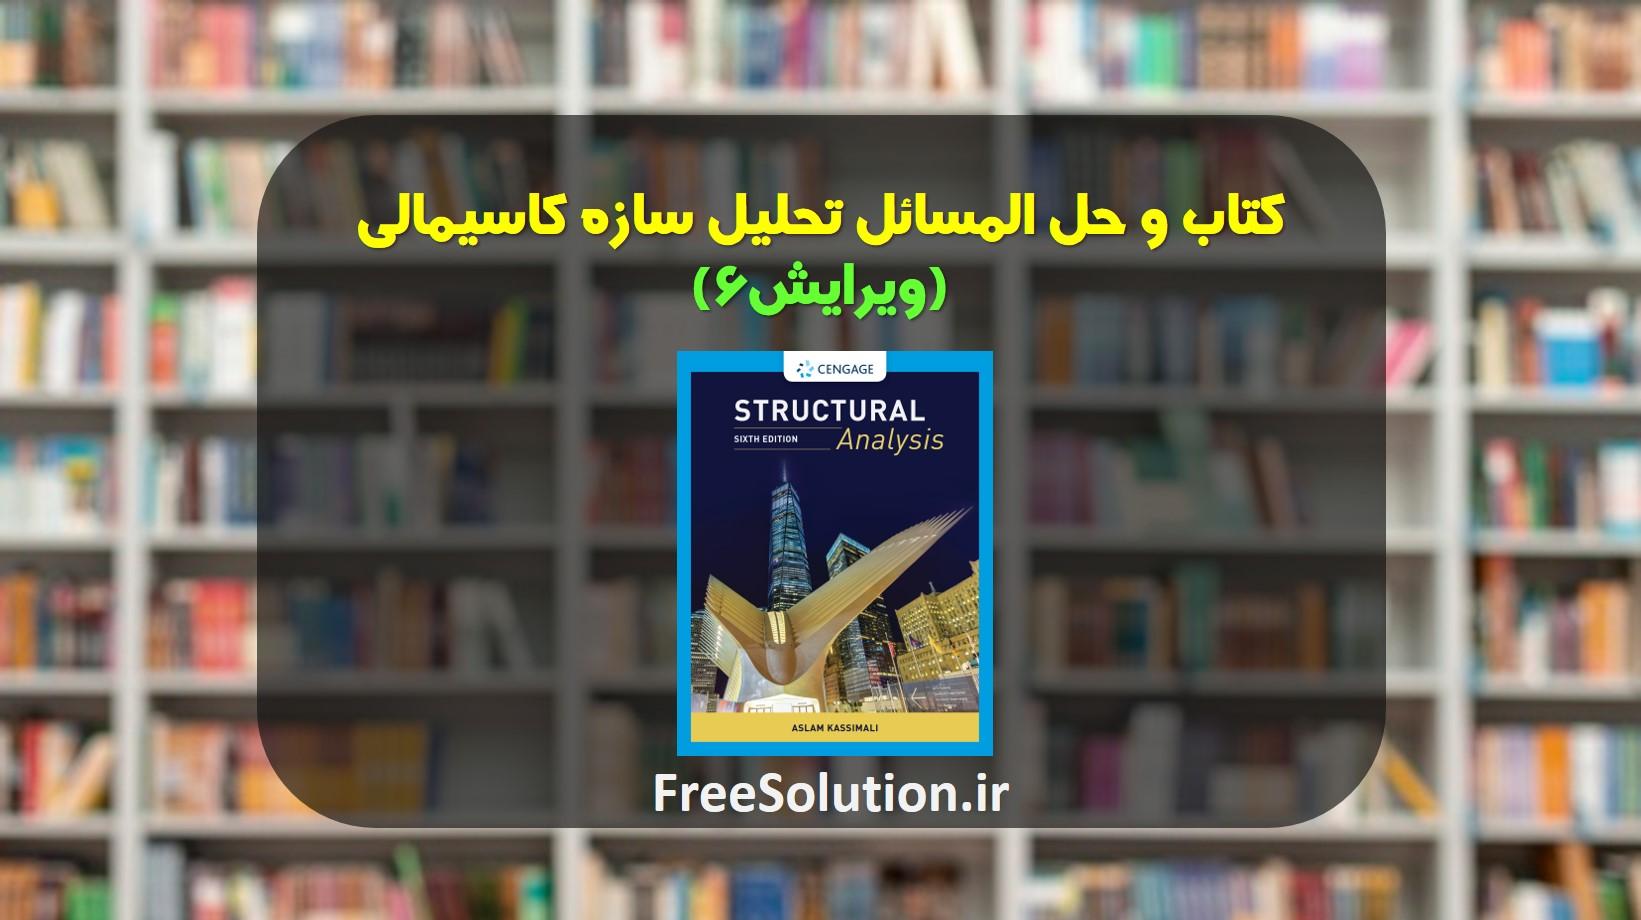 دانلود کتاب و حل المسائل تحلیل سازه کاسیمالی ویرایش 6